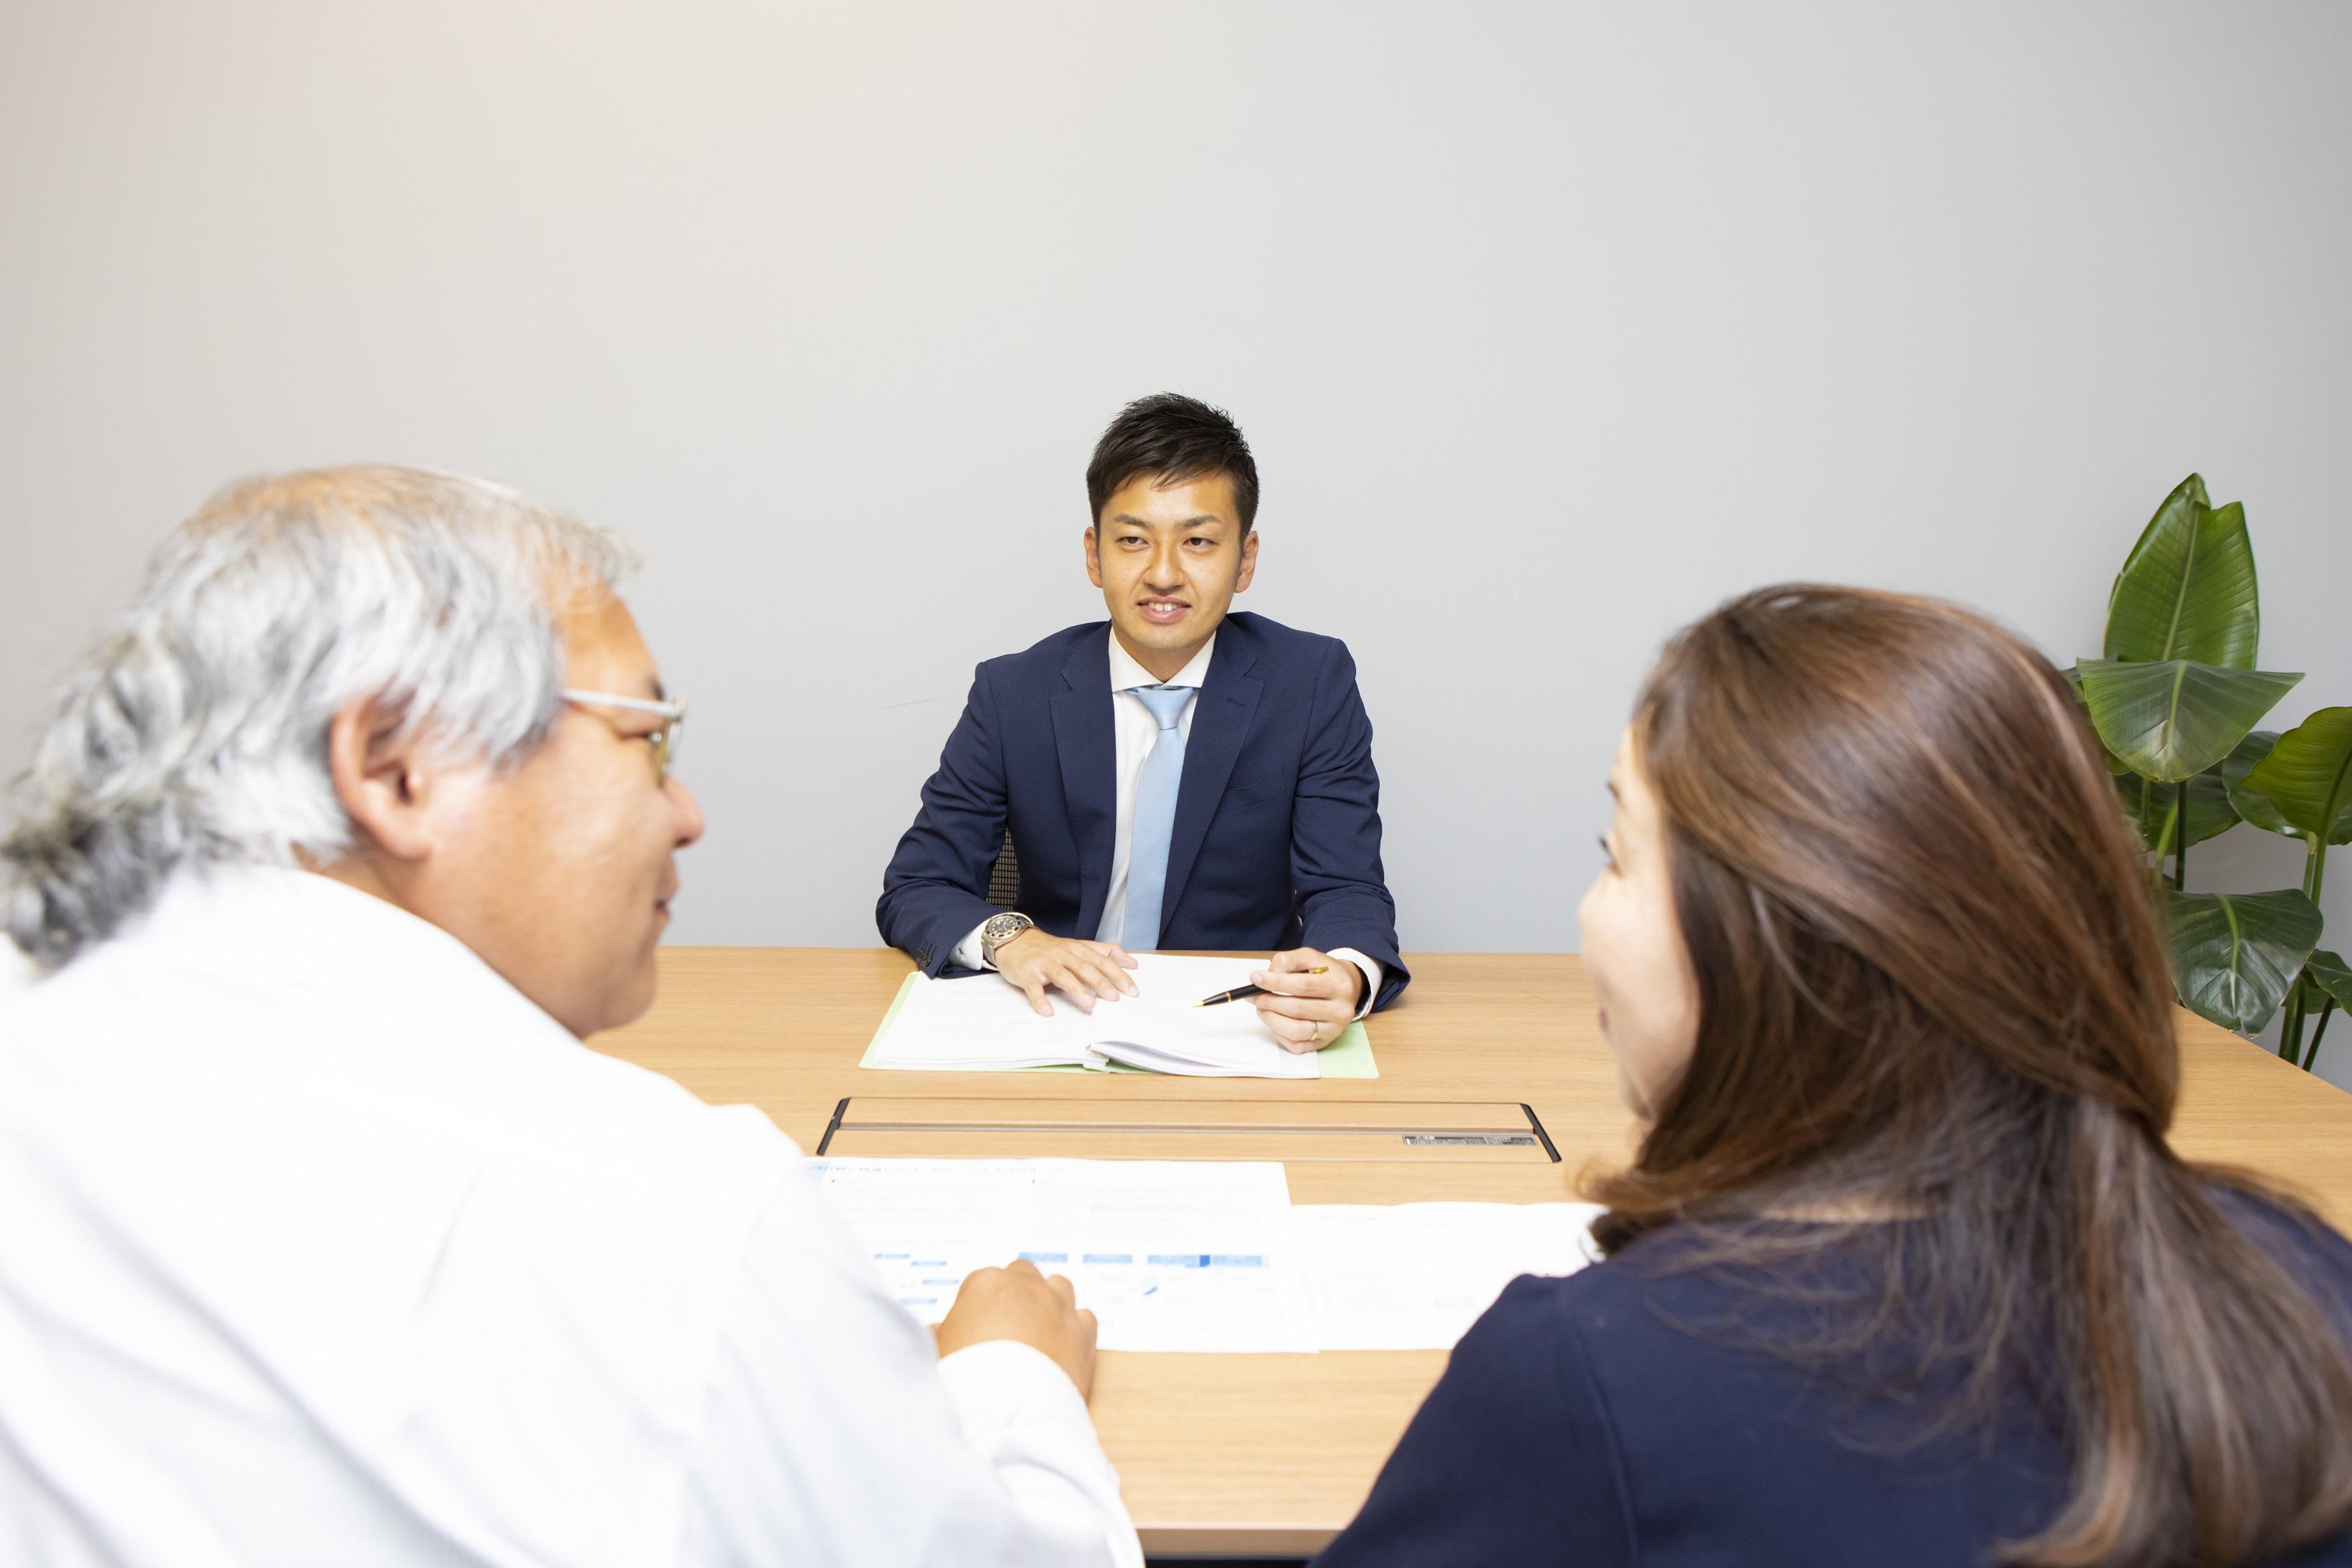 11月15日(金) 新宿エルタワーにて個別無料相談会を開催します!